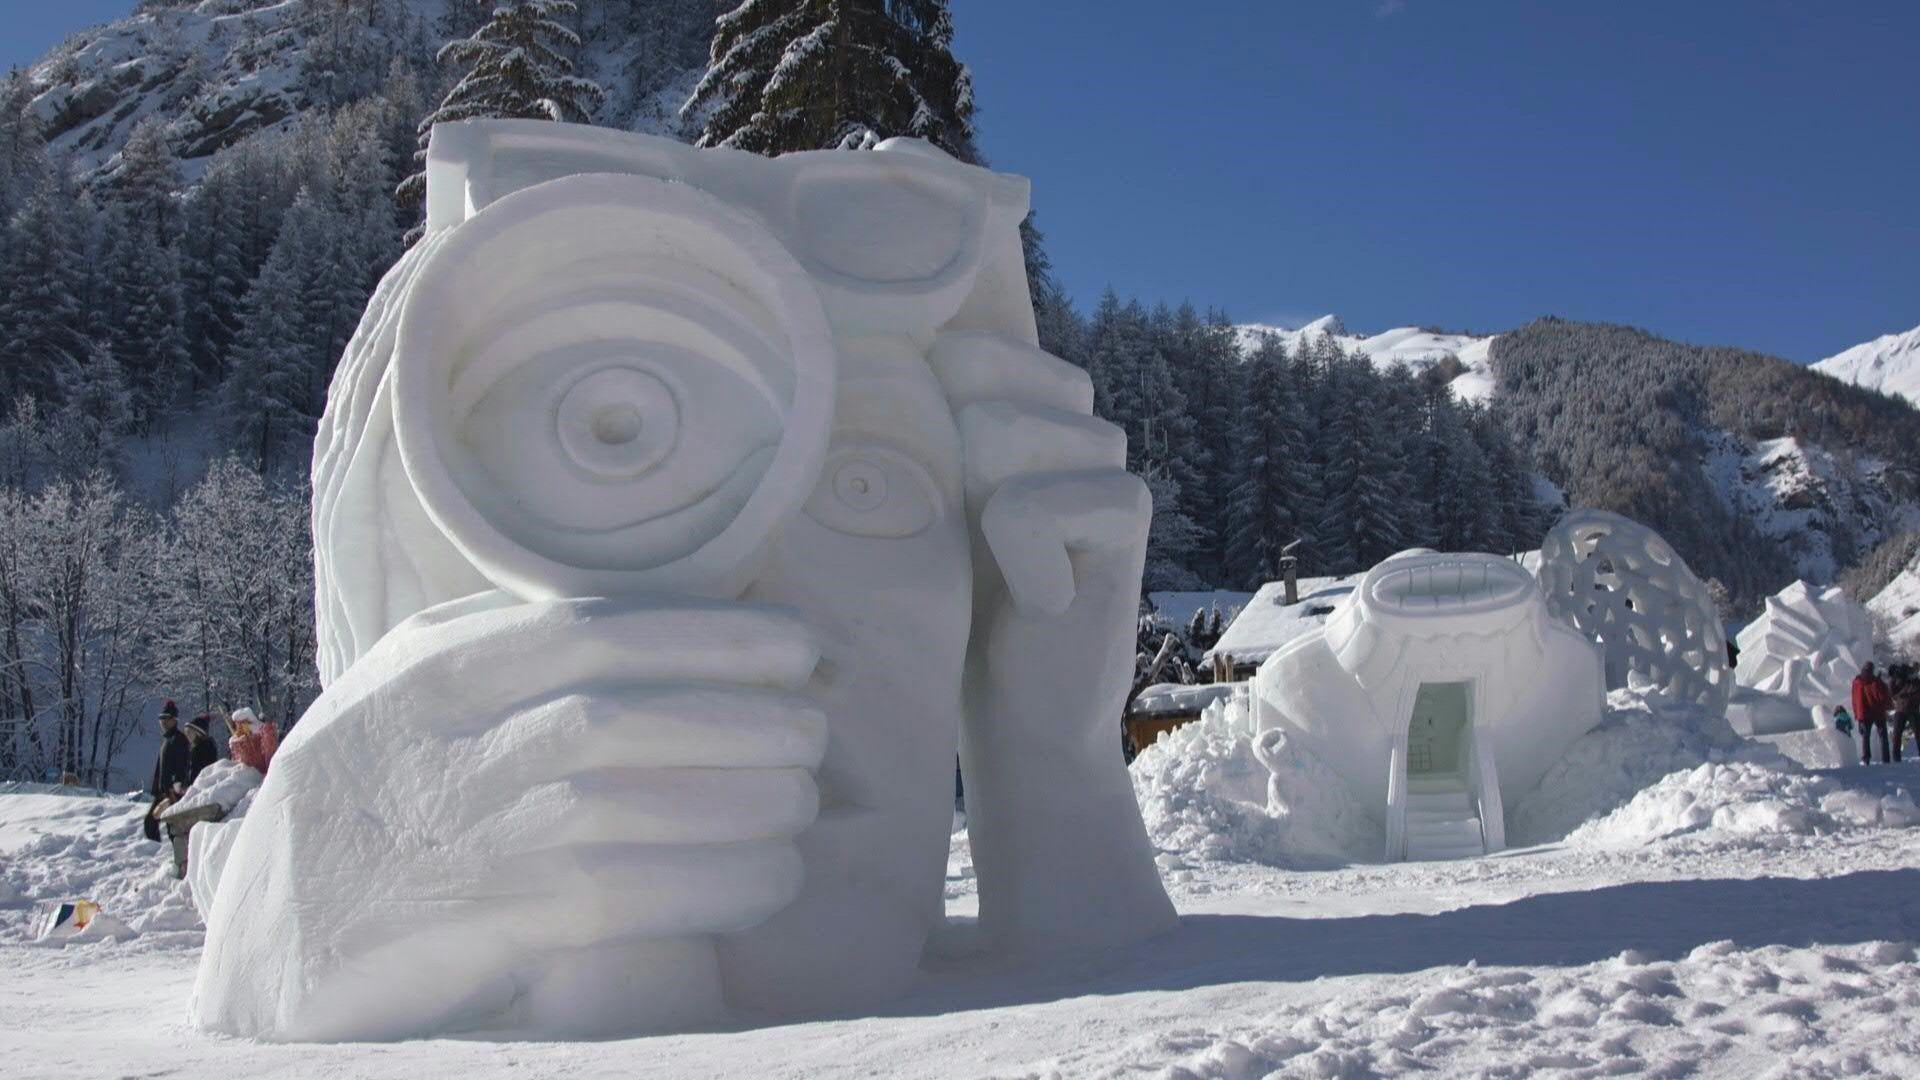 Schnee-Skulpturen: Valloires eisige Kunstwerke